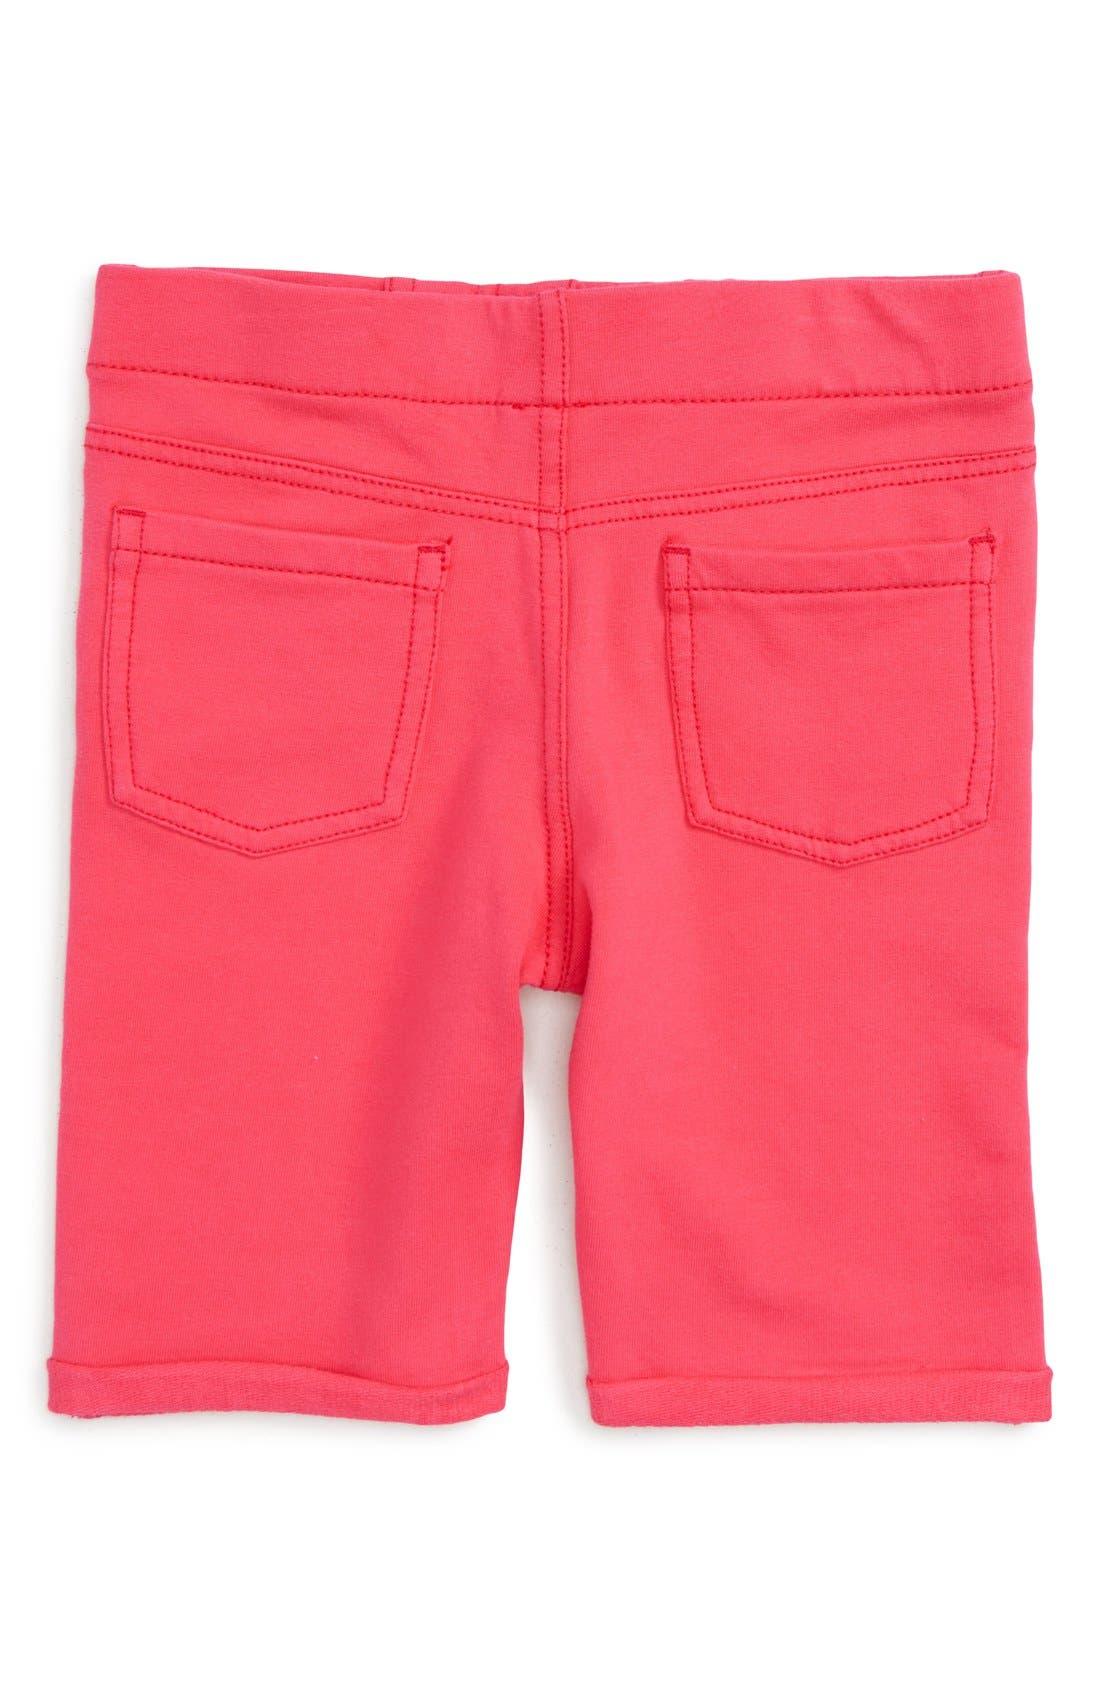 'Jenna' Jegging Shorts,                             Alternate thumbnail 26, color,